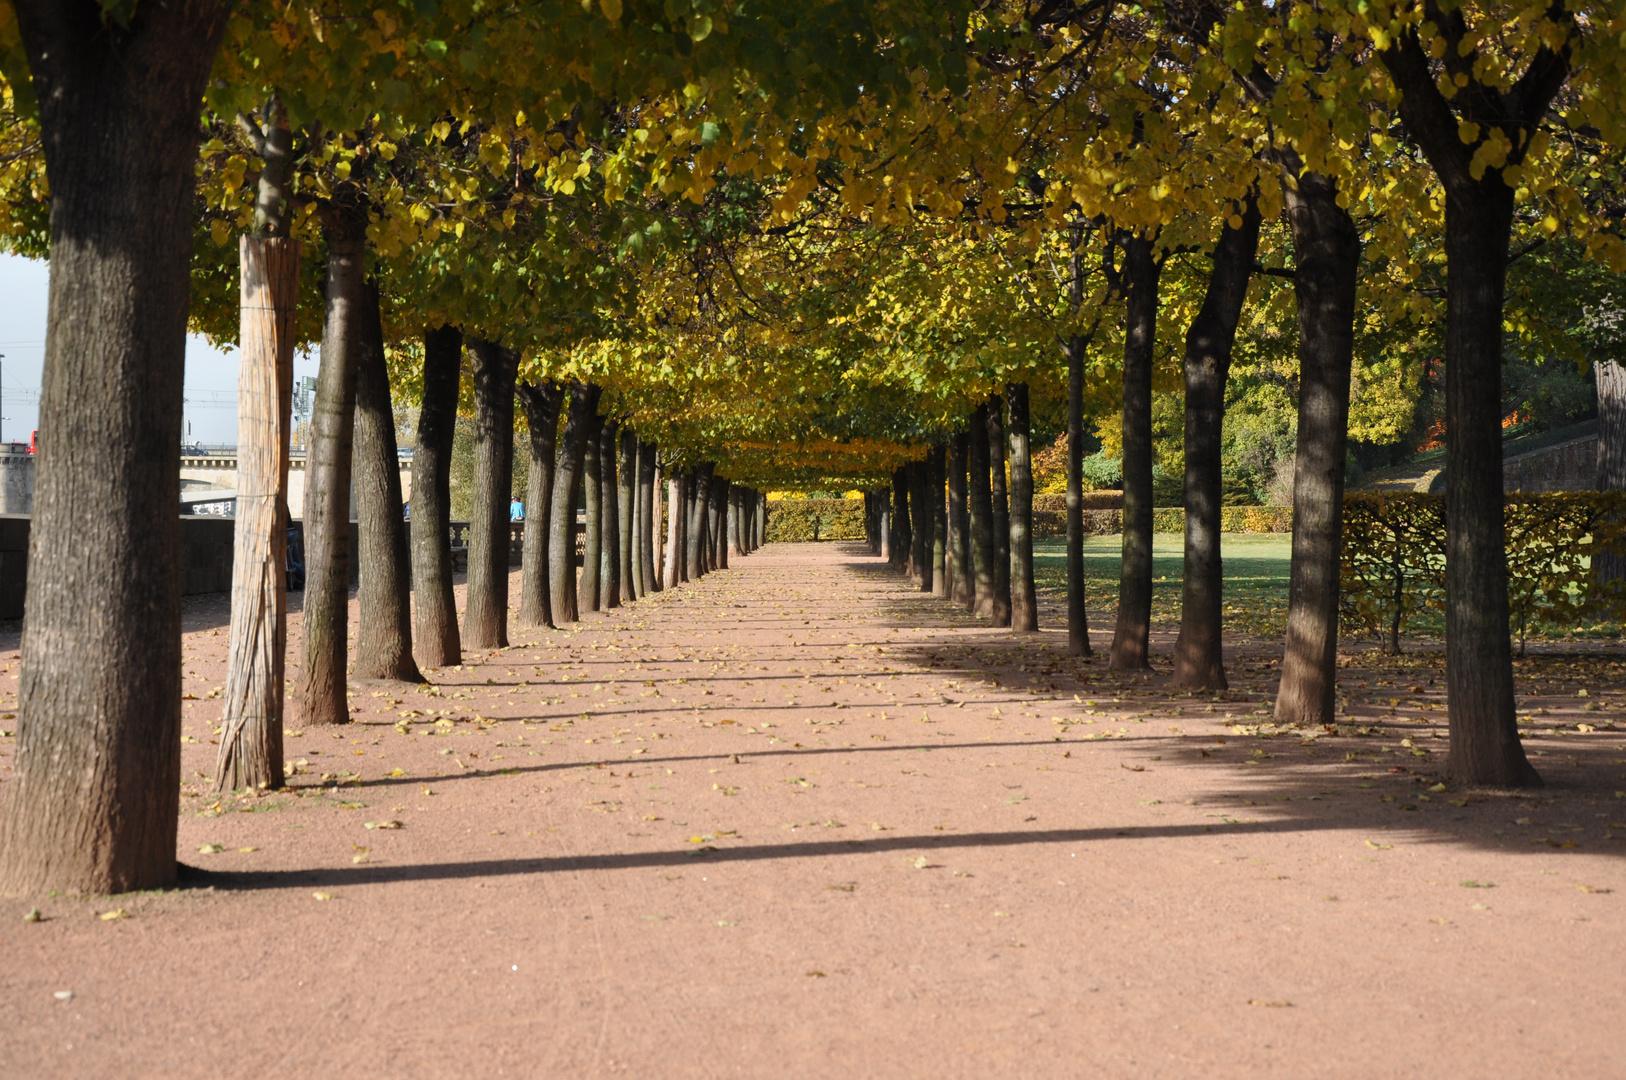 Herbstsonnenspiele in Dresden